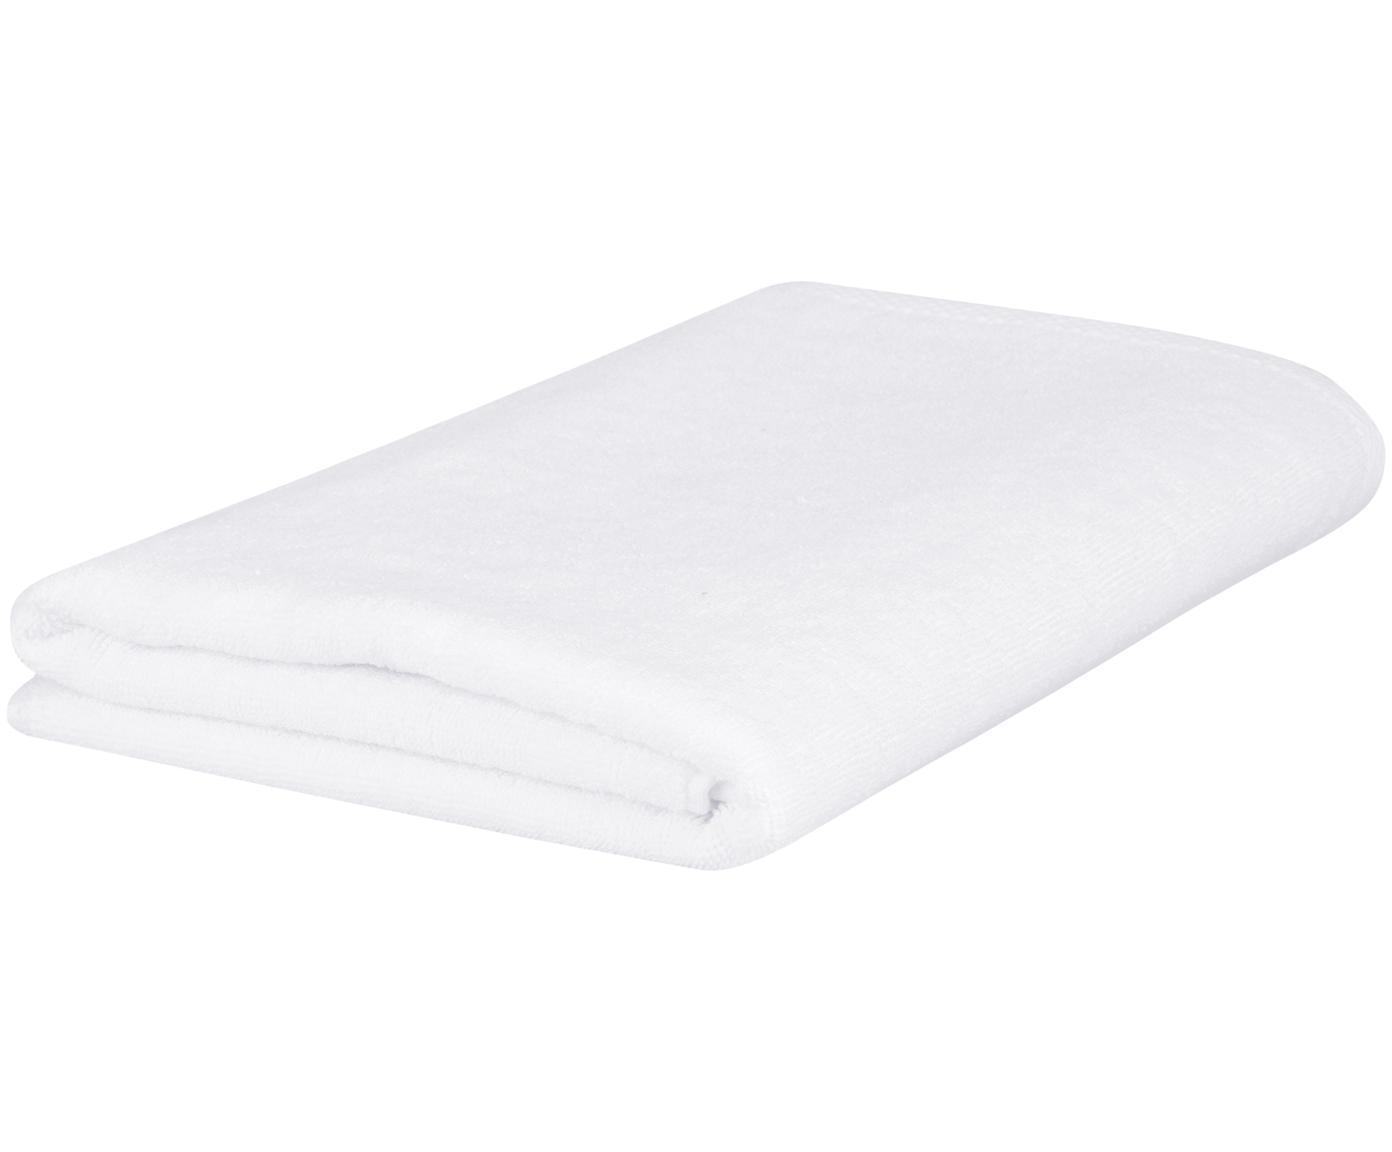 Einfarbiges Handtuch Comfort, Weiß, Gästehandtuch